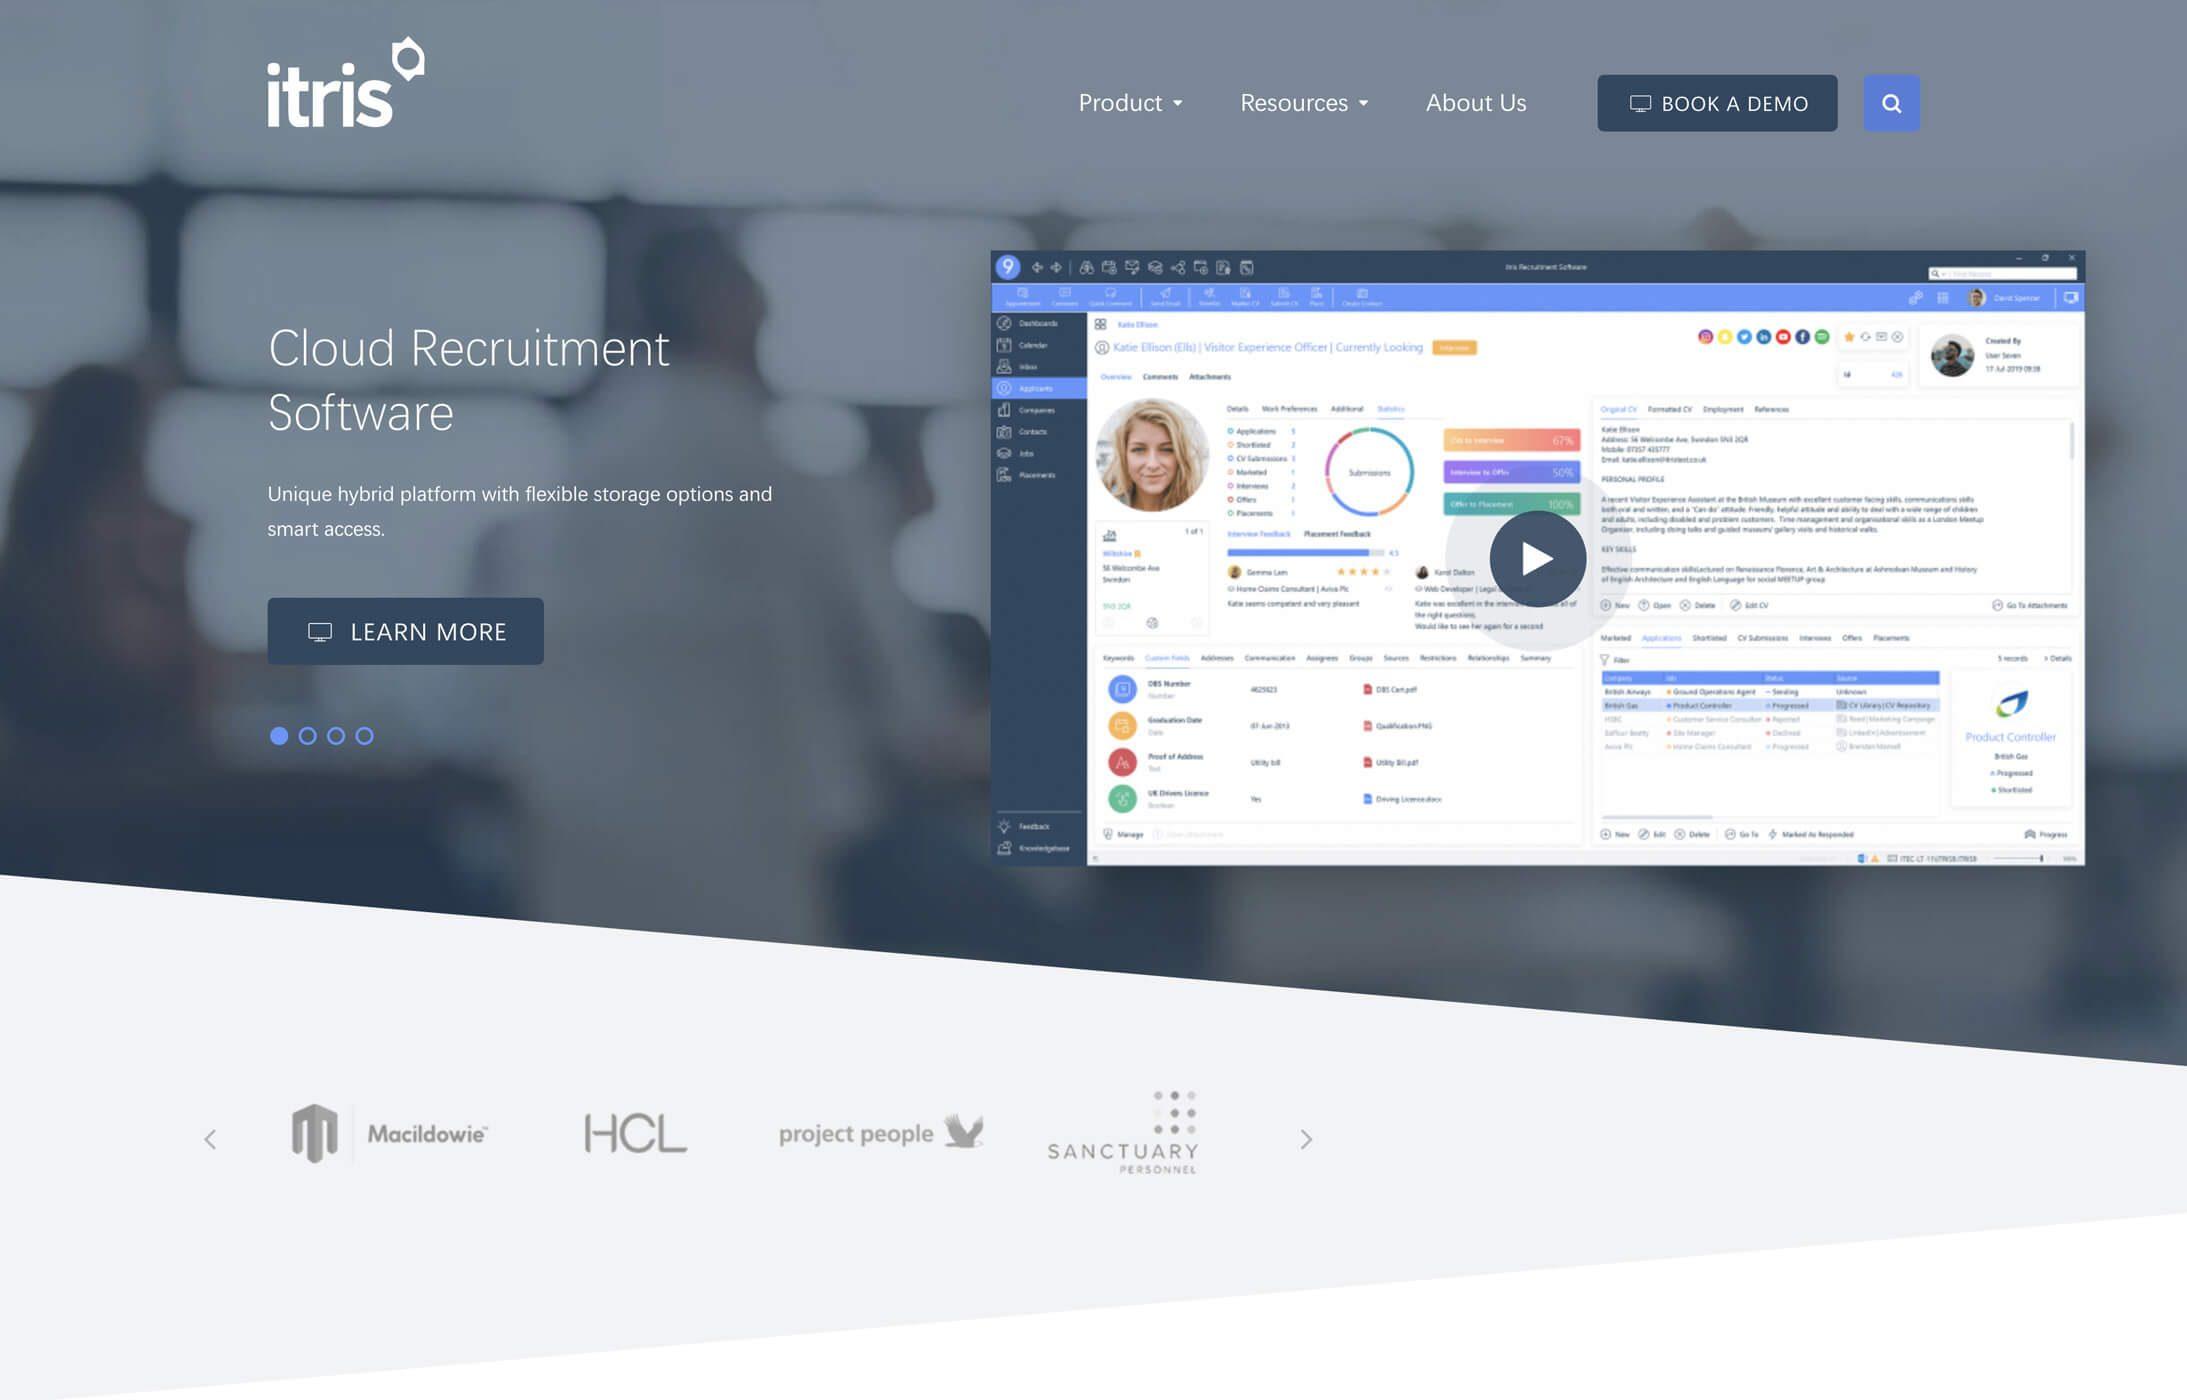 Itris recruitment website visual